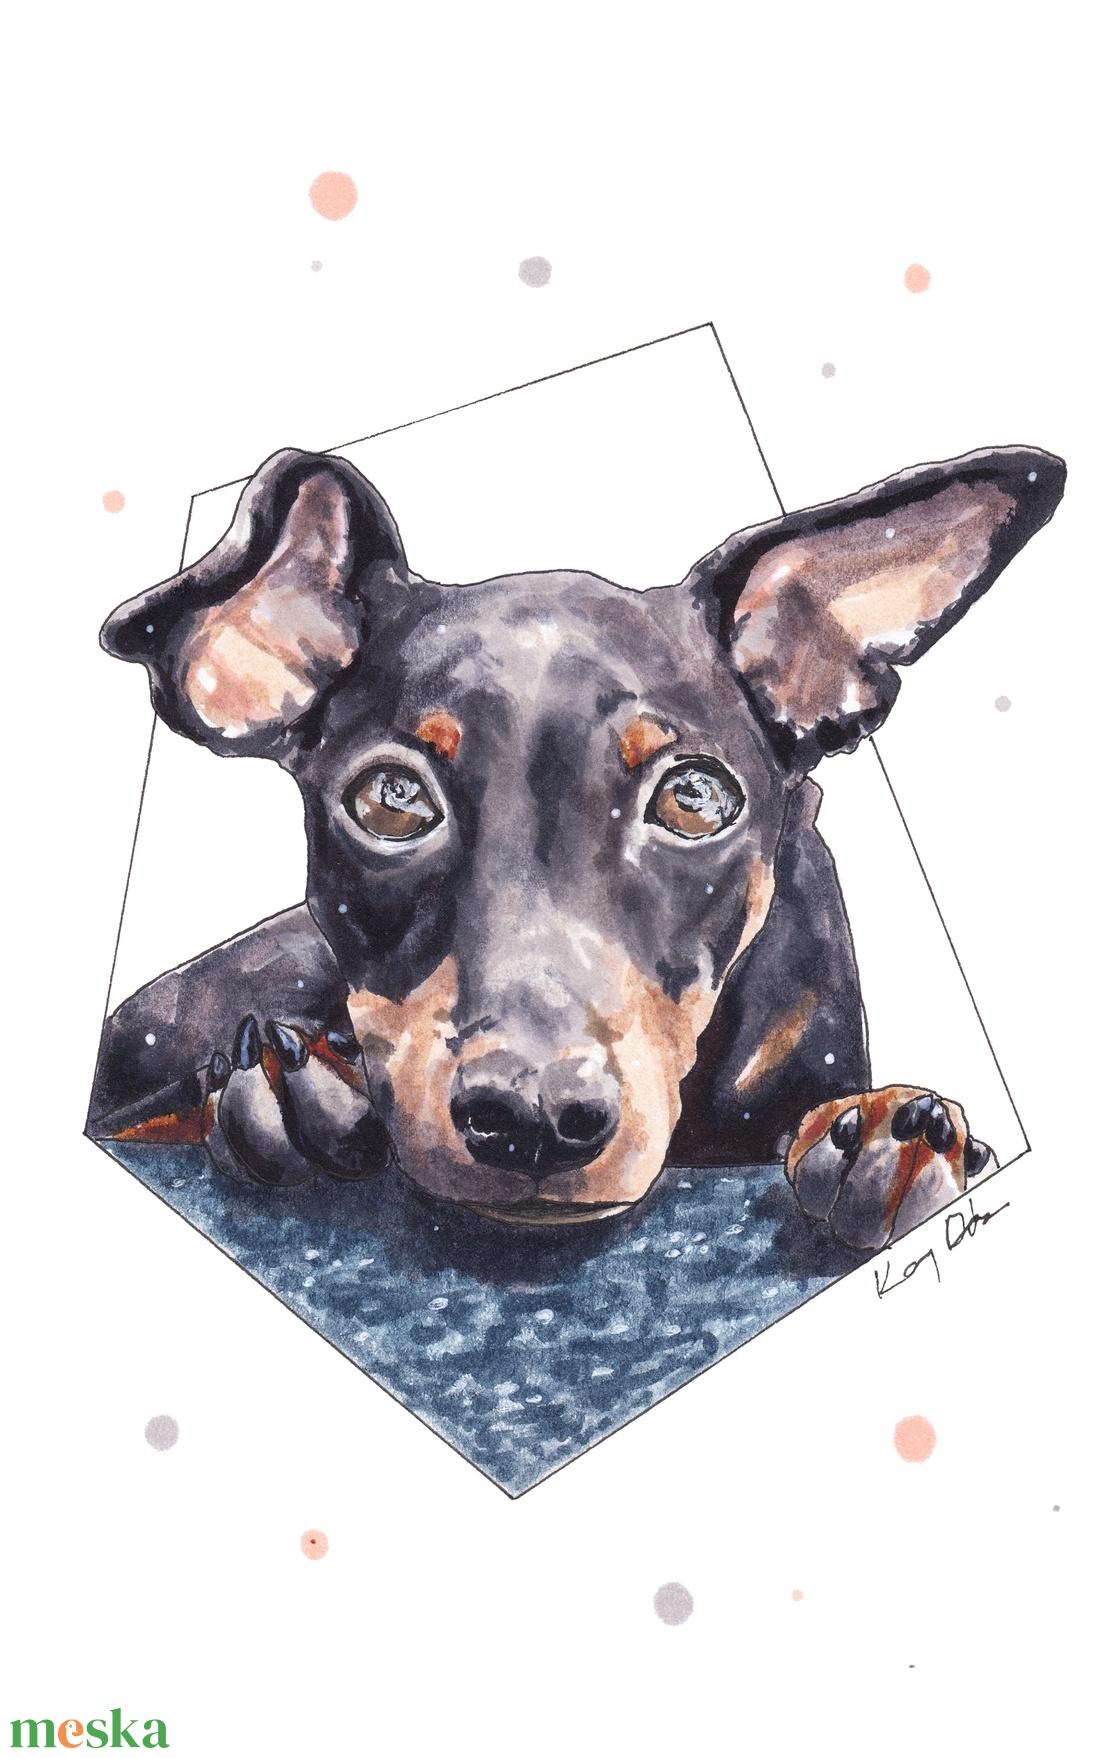 Tacskó - ecsetfilc festmény (nyomat) - művészet - festmény - akvarell - Meska.hu